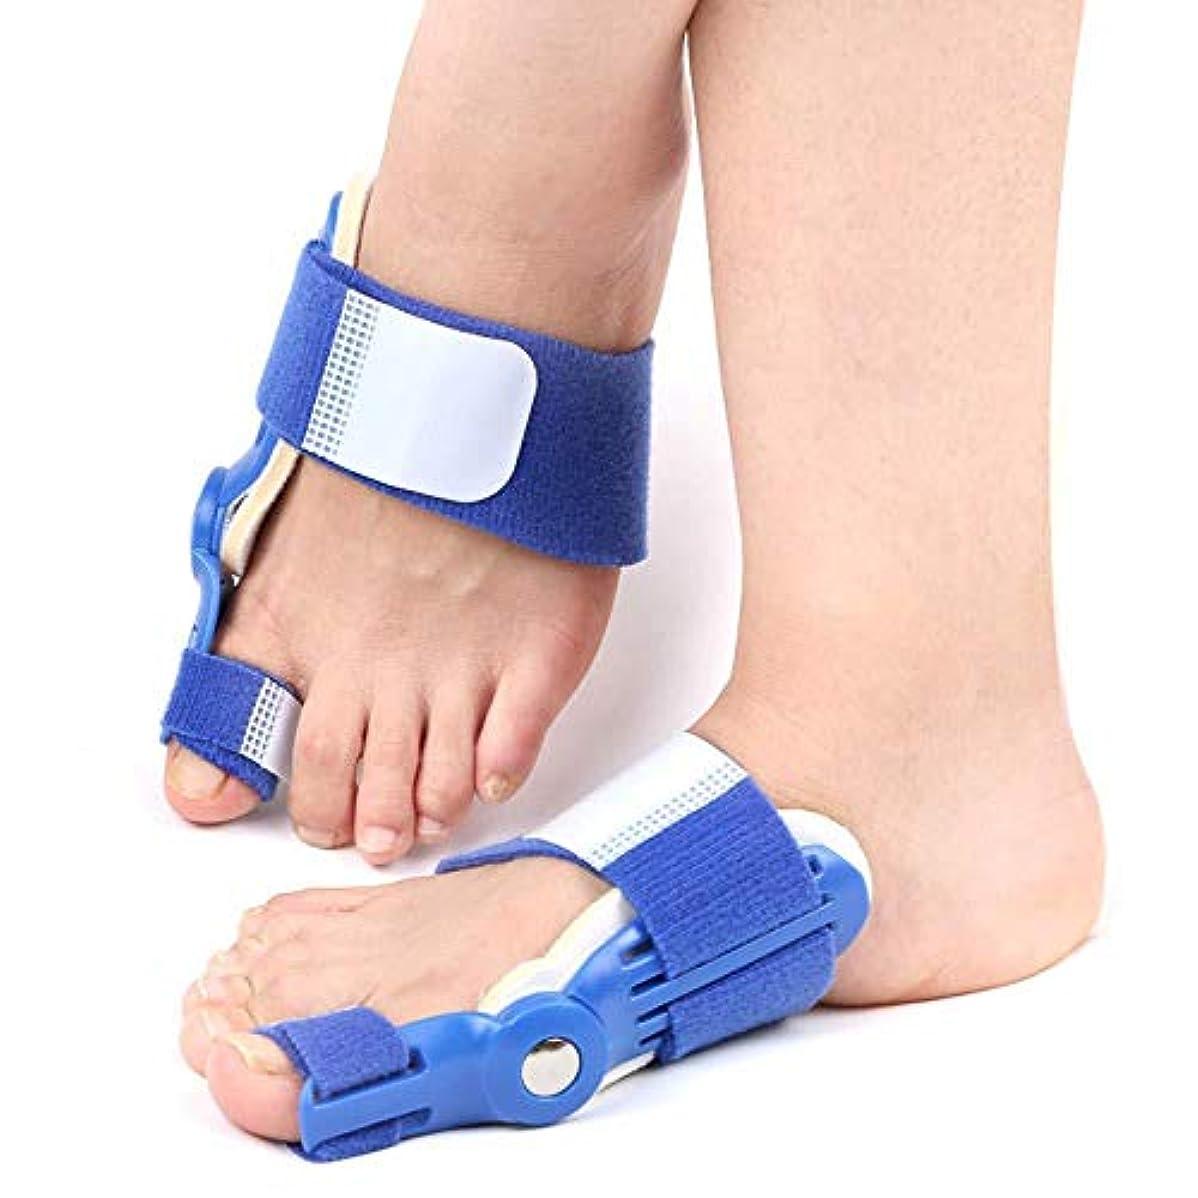 大胆不敵食品沿って腱膜瘤矯正、足の親指のアライメント矯正矯正外科的疼痛緩和と腱膜瘤のサポートなしの腱膜瘤治療